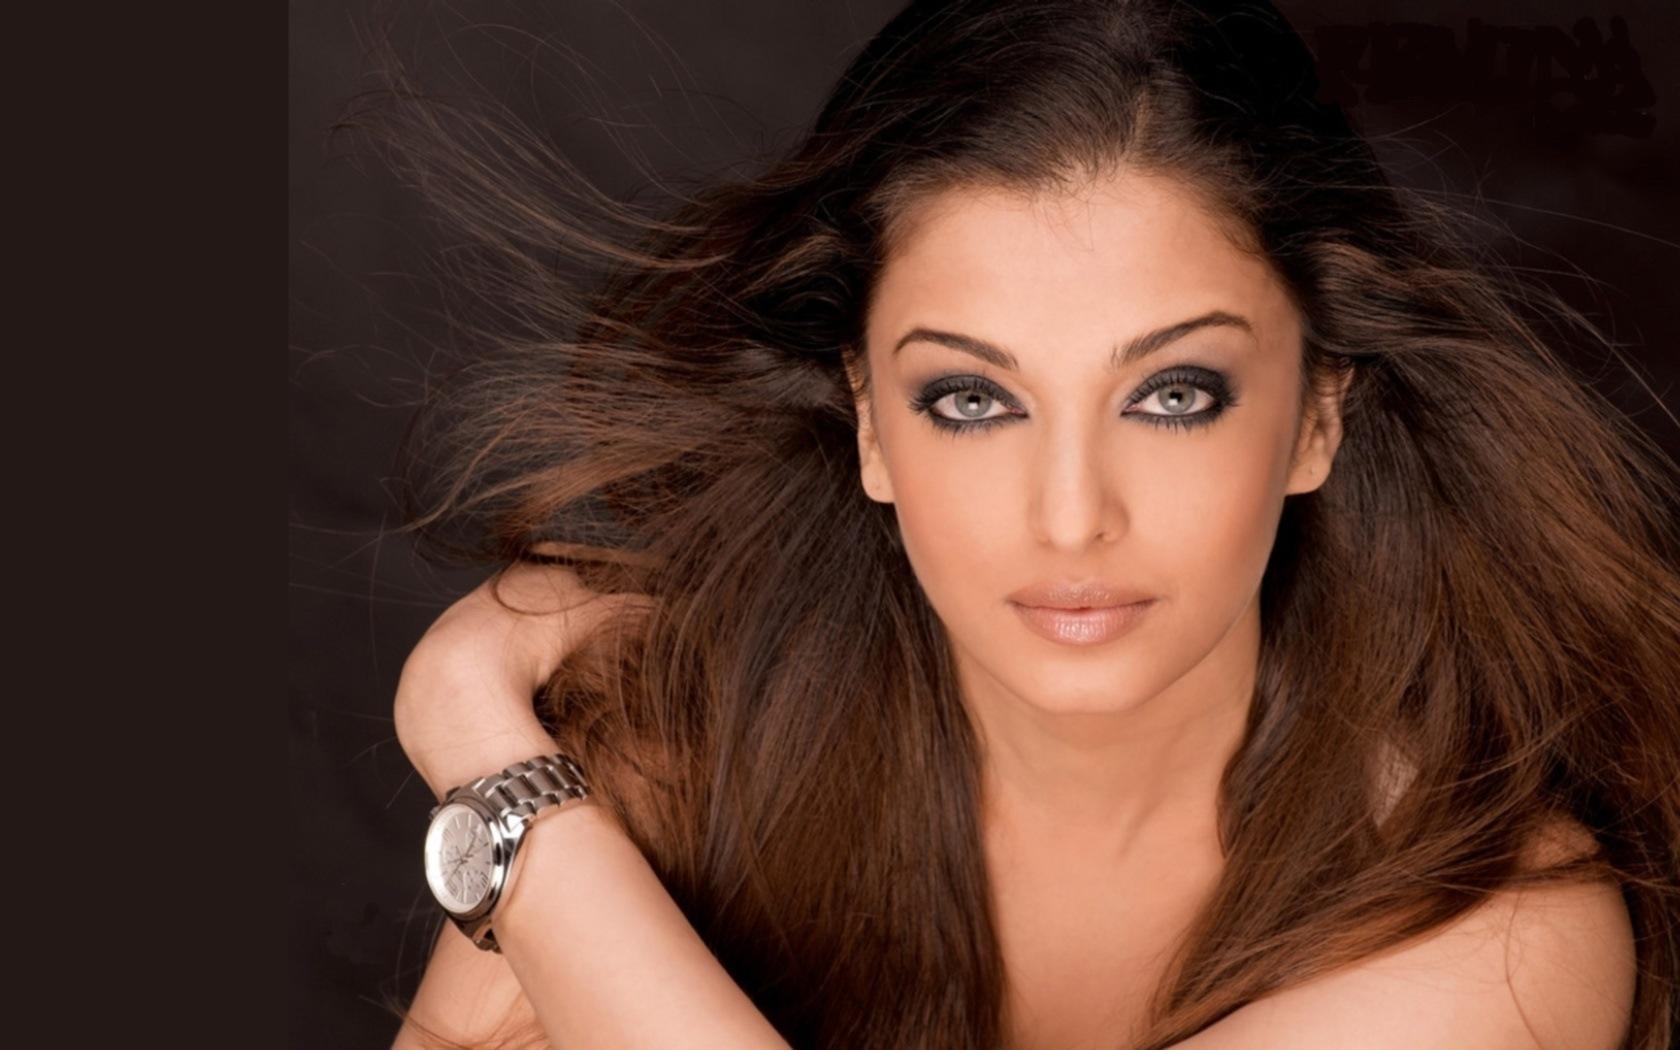 Фотографии красивых девушек восточных знаменитостей 14 фотография